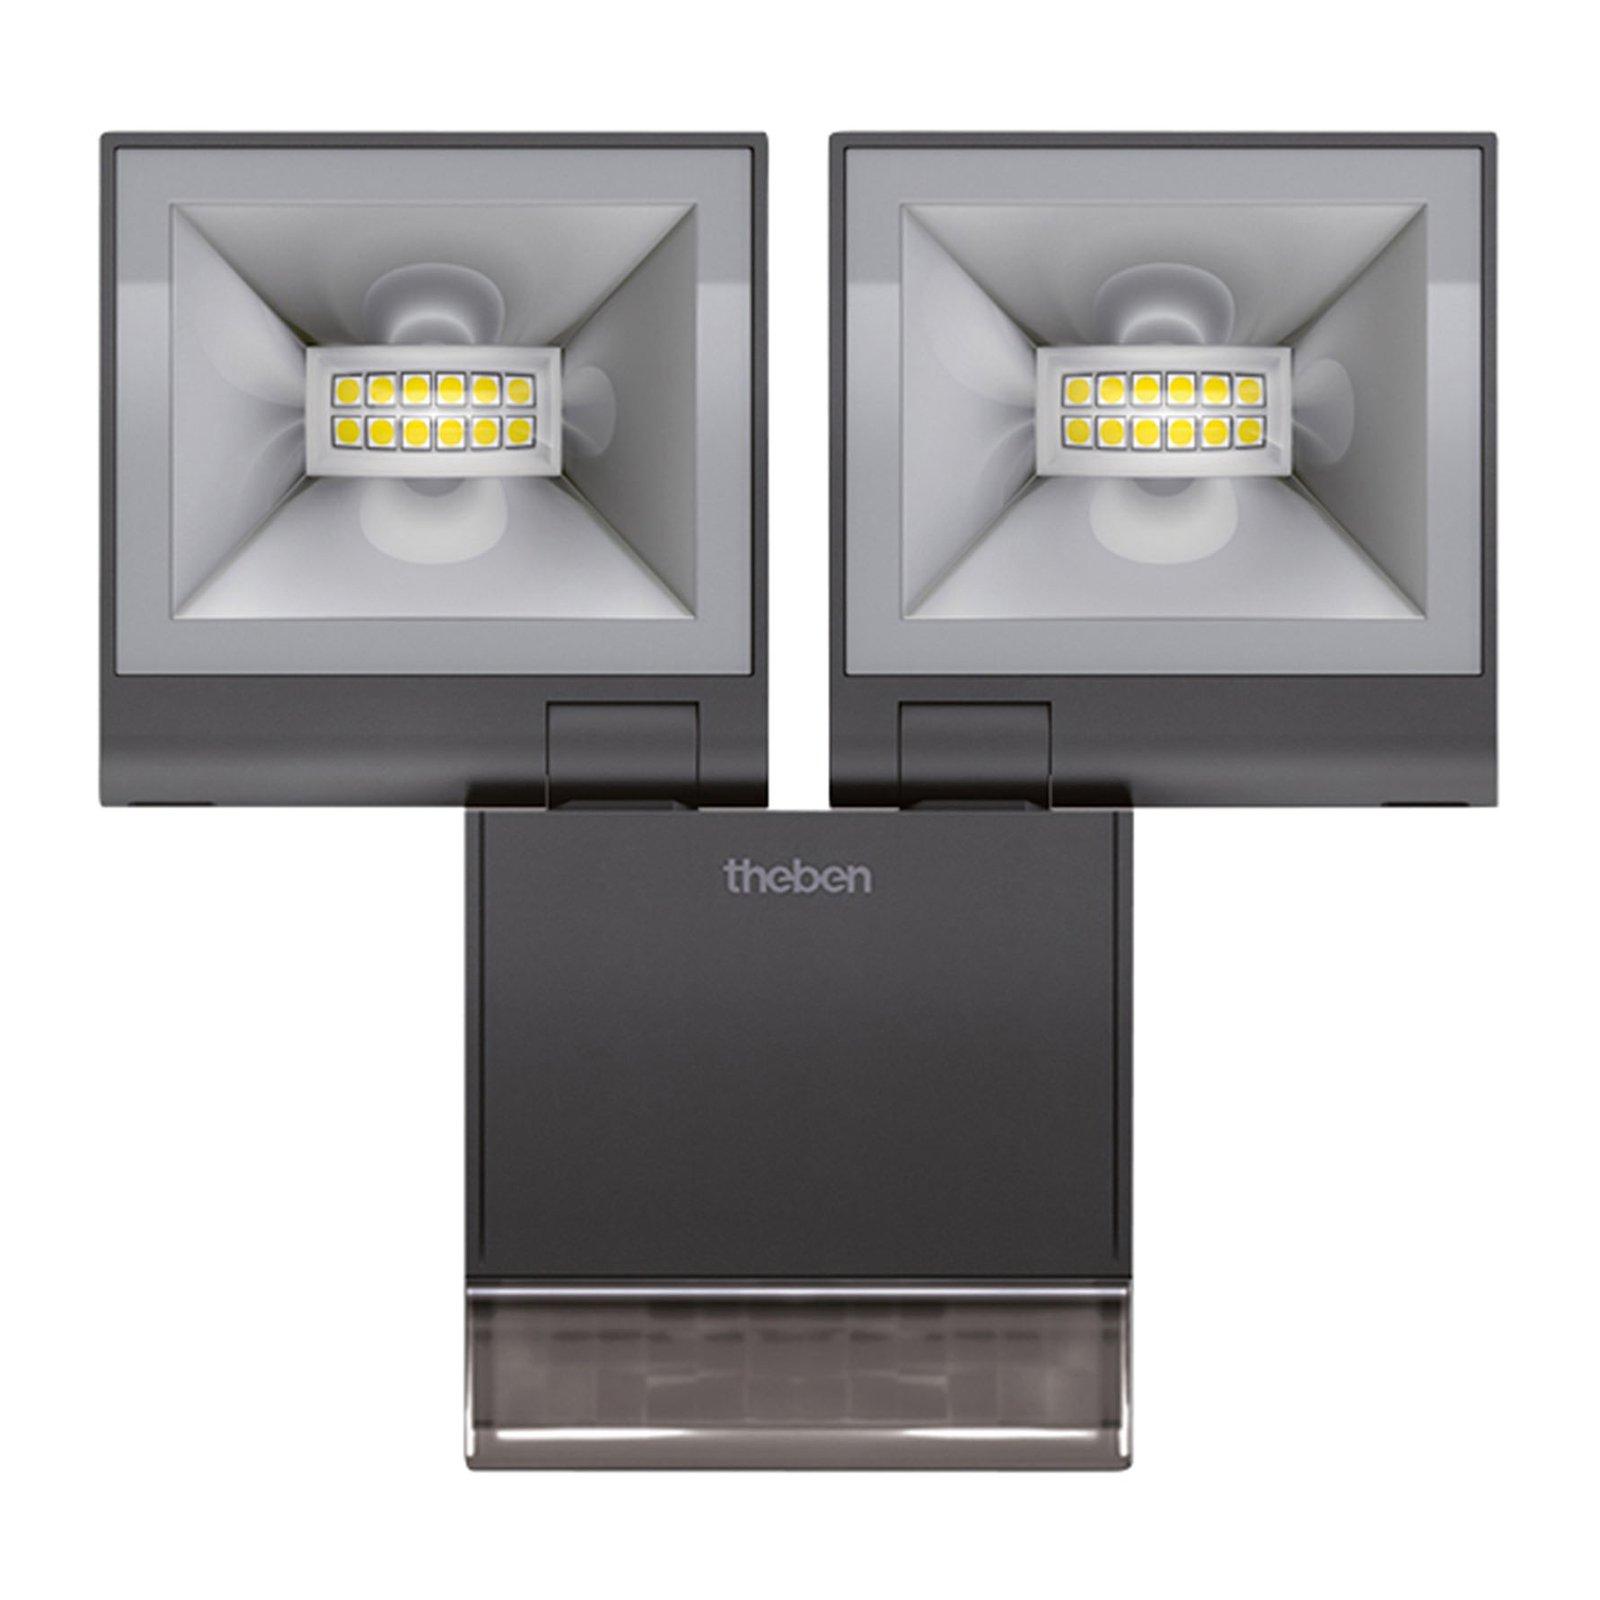 Theben theLeda S20 2 lys sensor 3 000 K svart